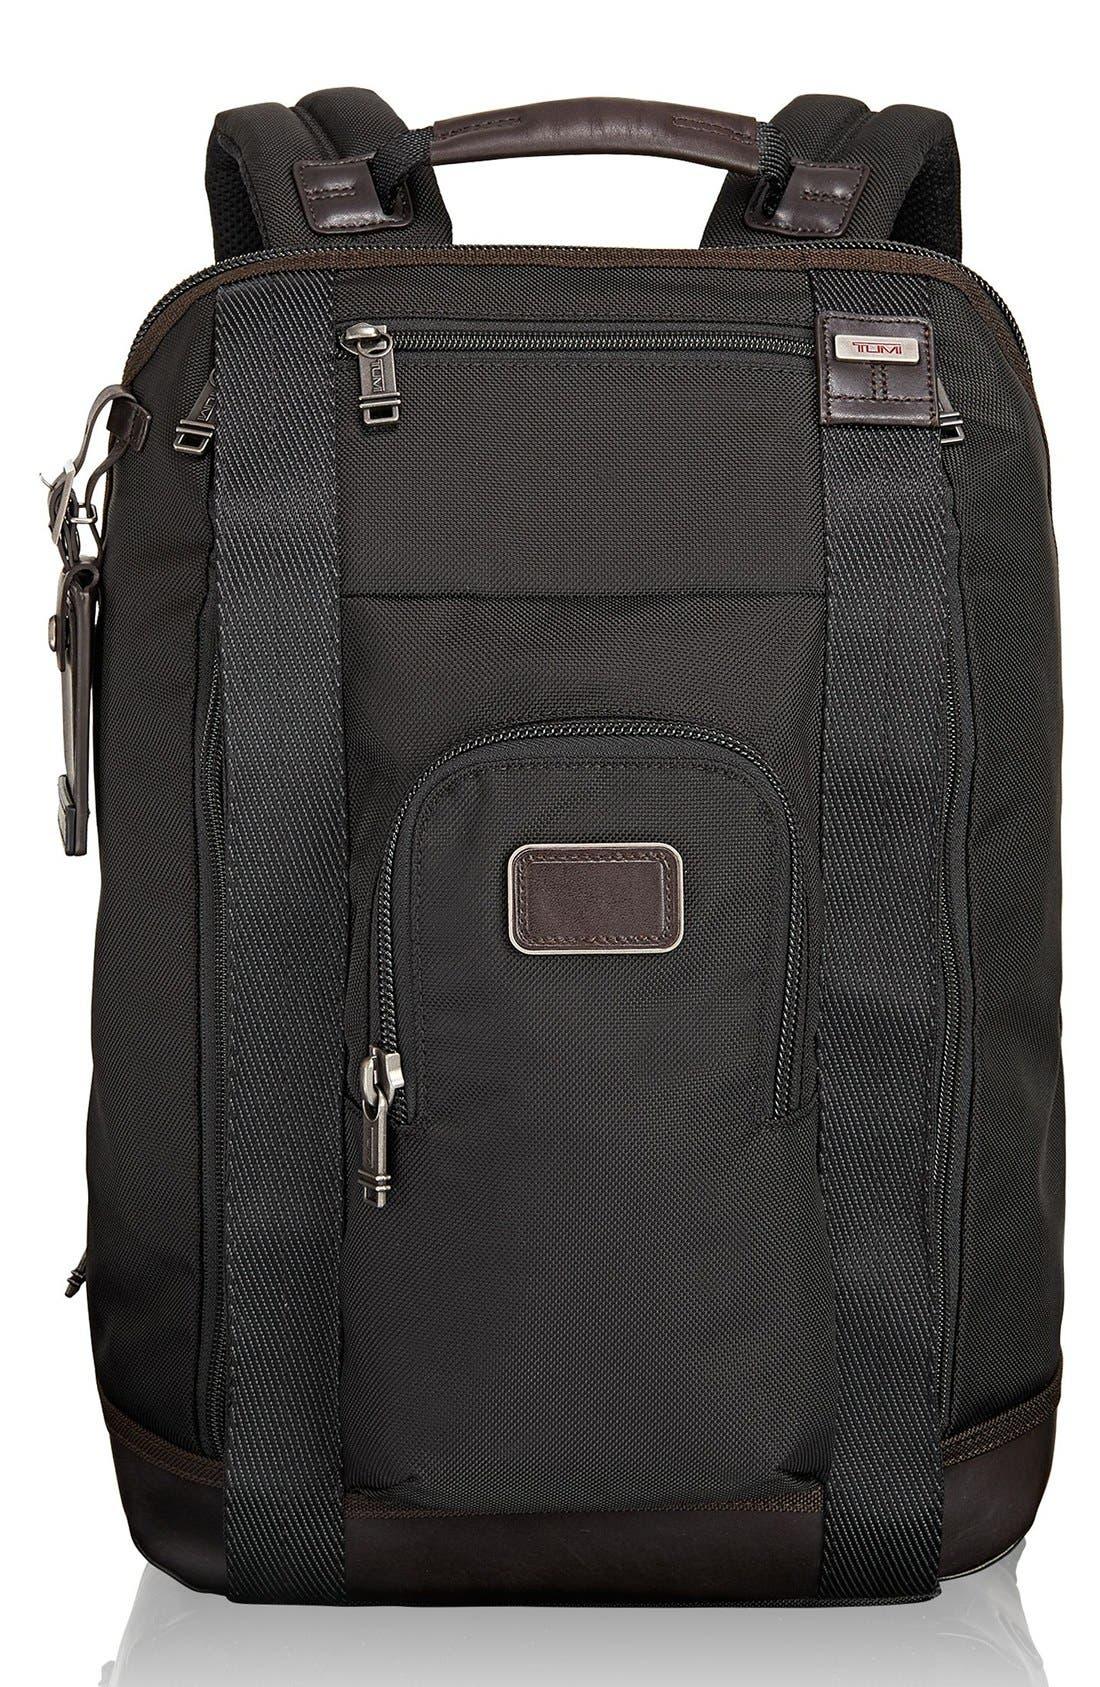 Alternate Image 1 Selected - Tumi 'Alpha Bravo - Edwards' Backpack